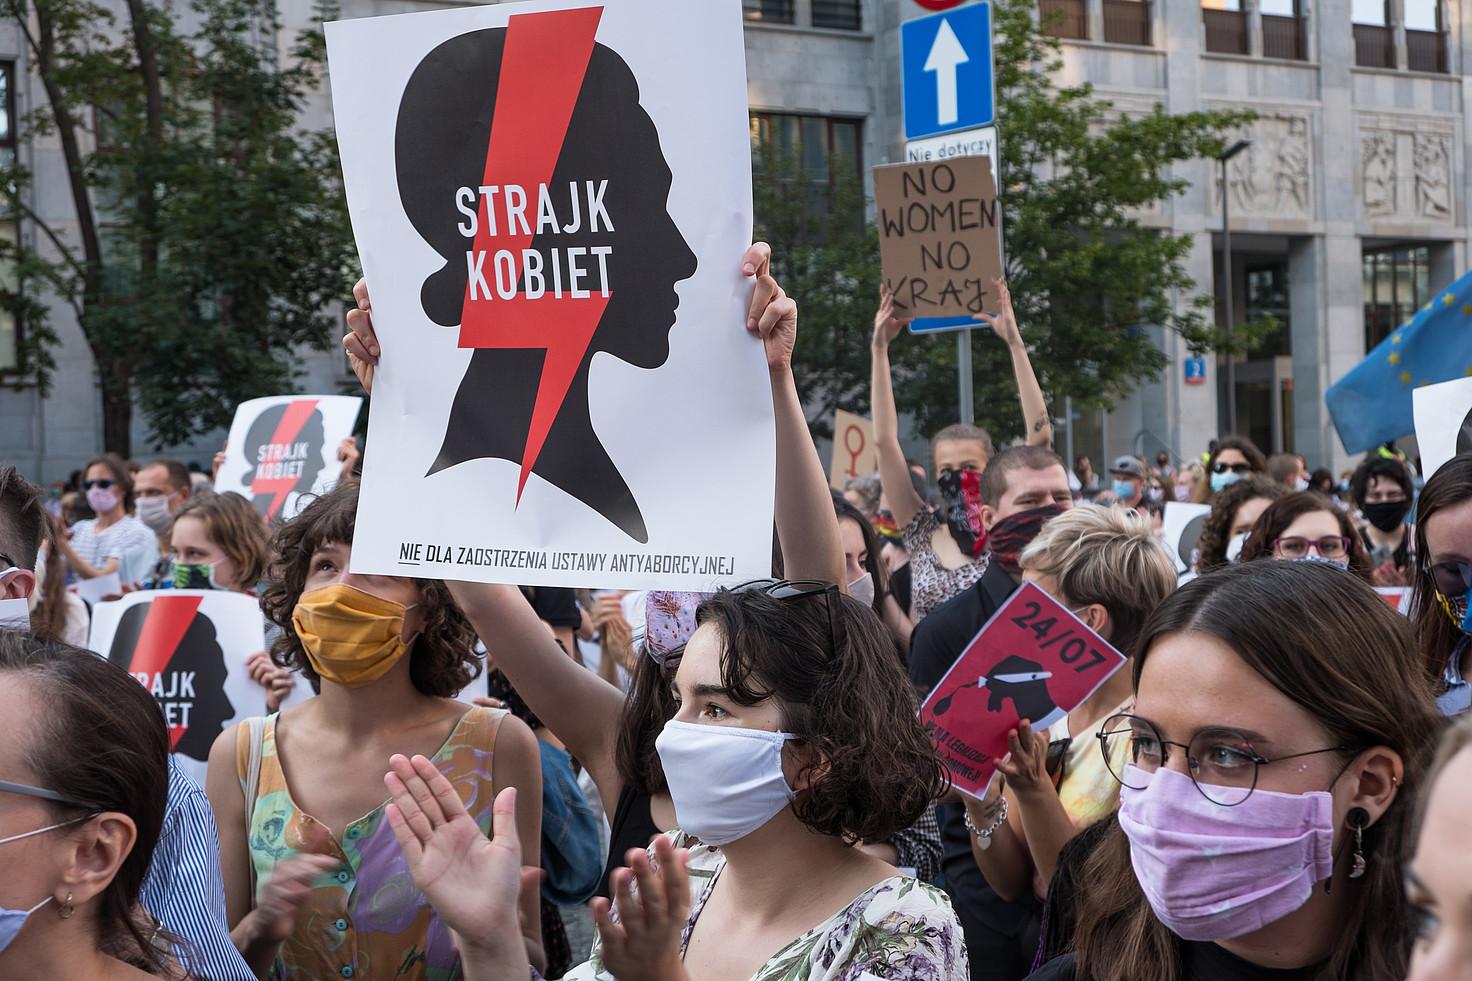 Manifestación de mujeres a favor del aborto en Polonia